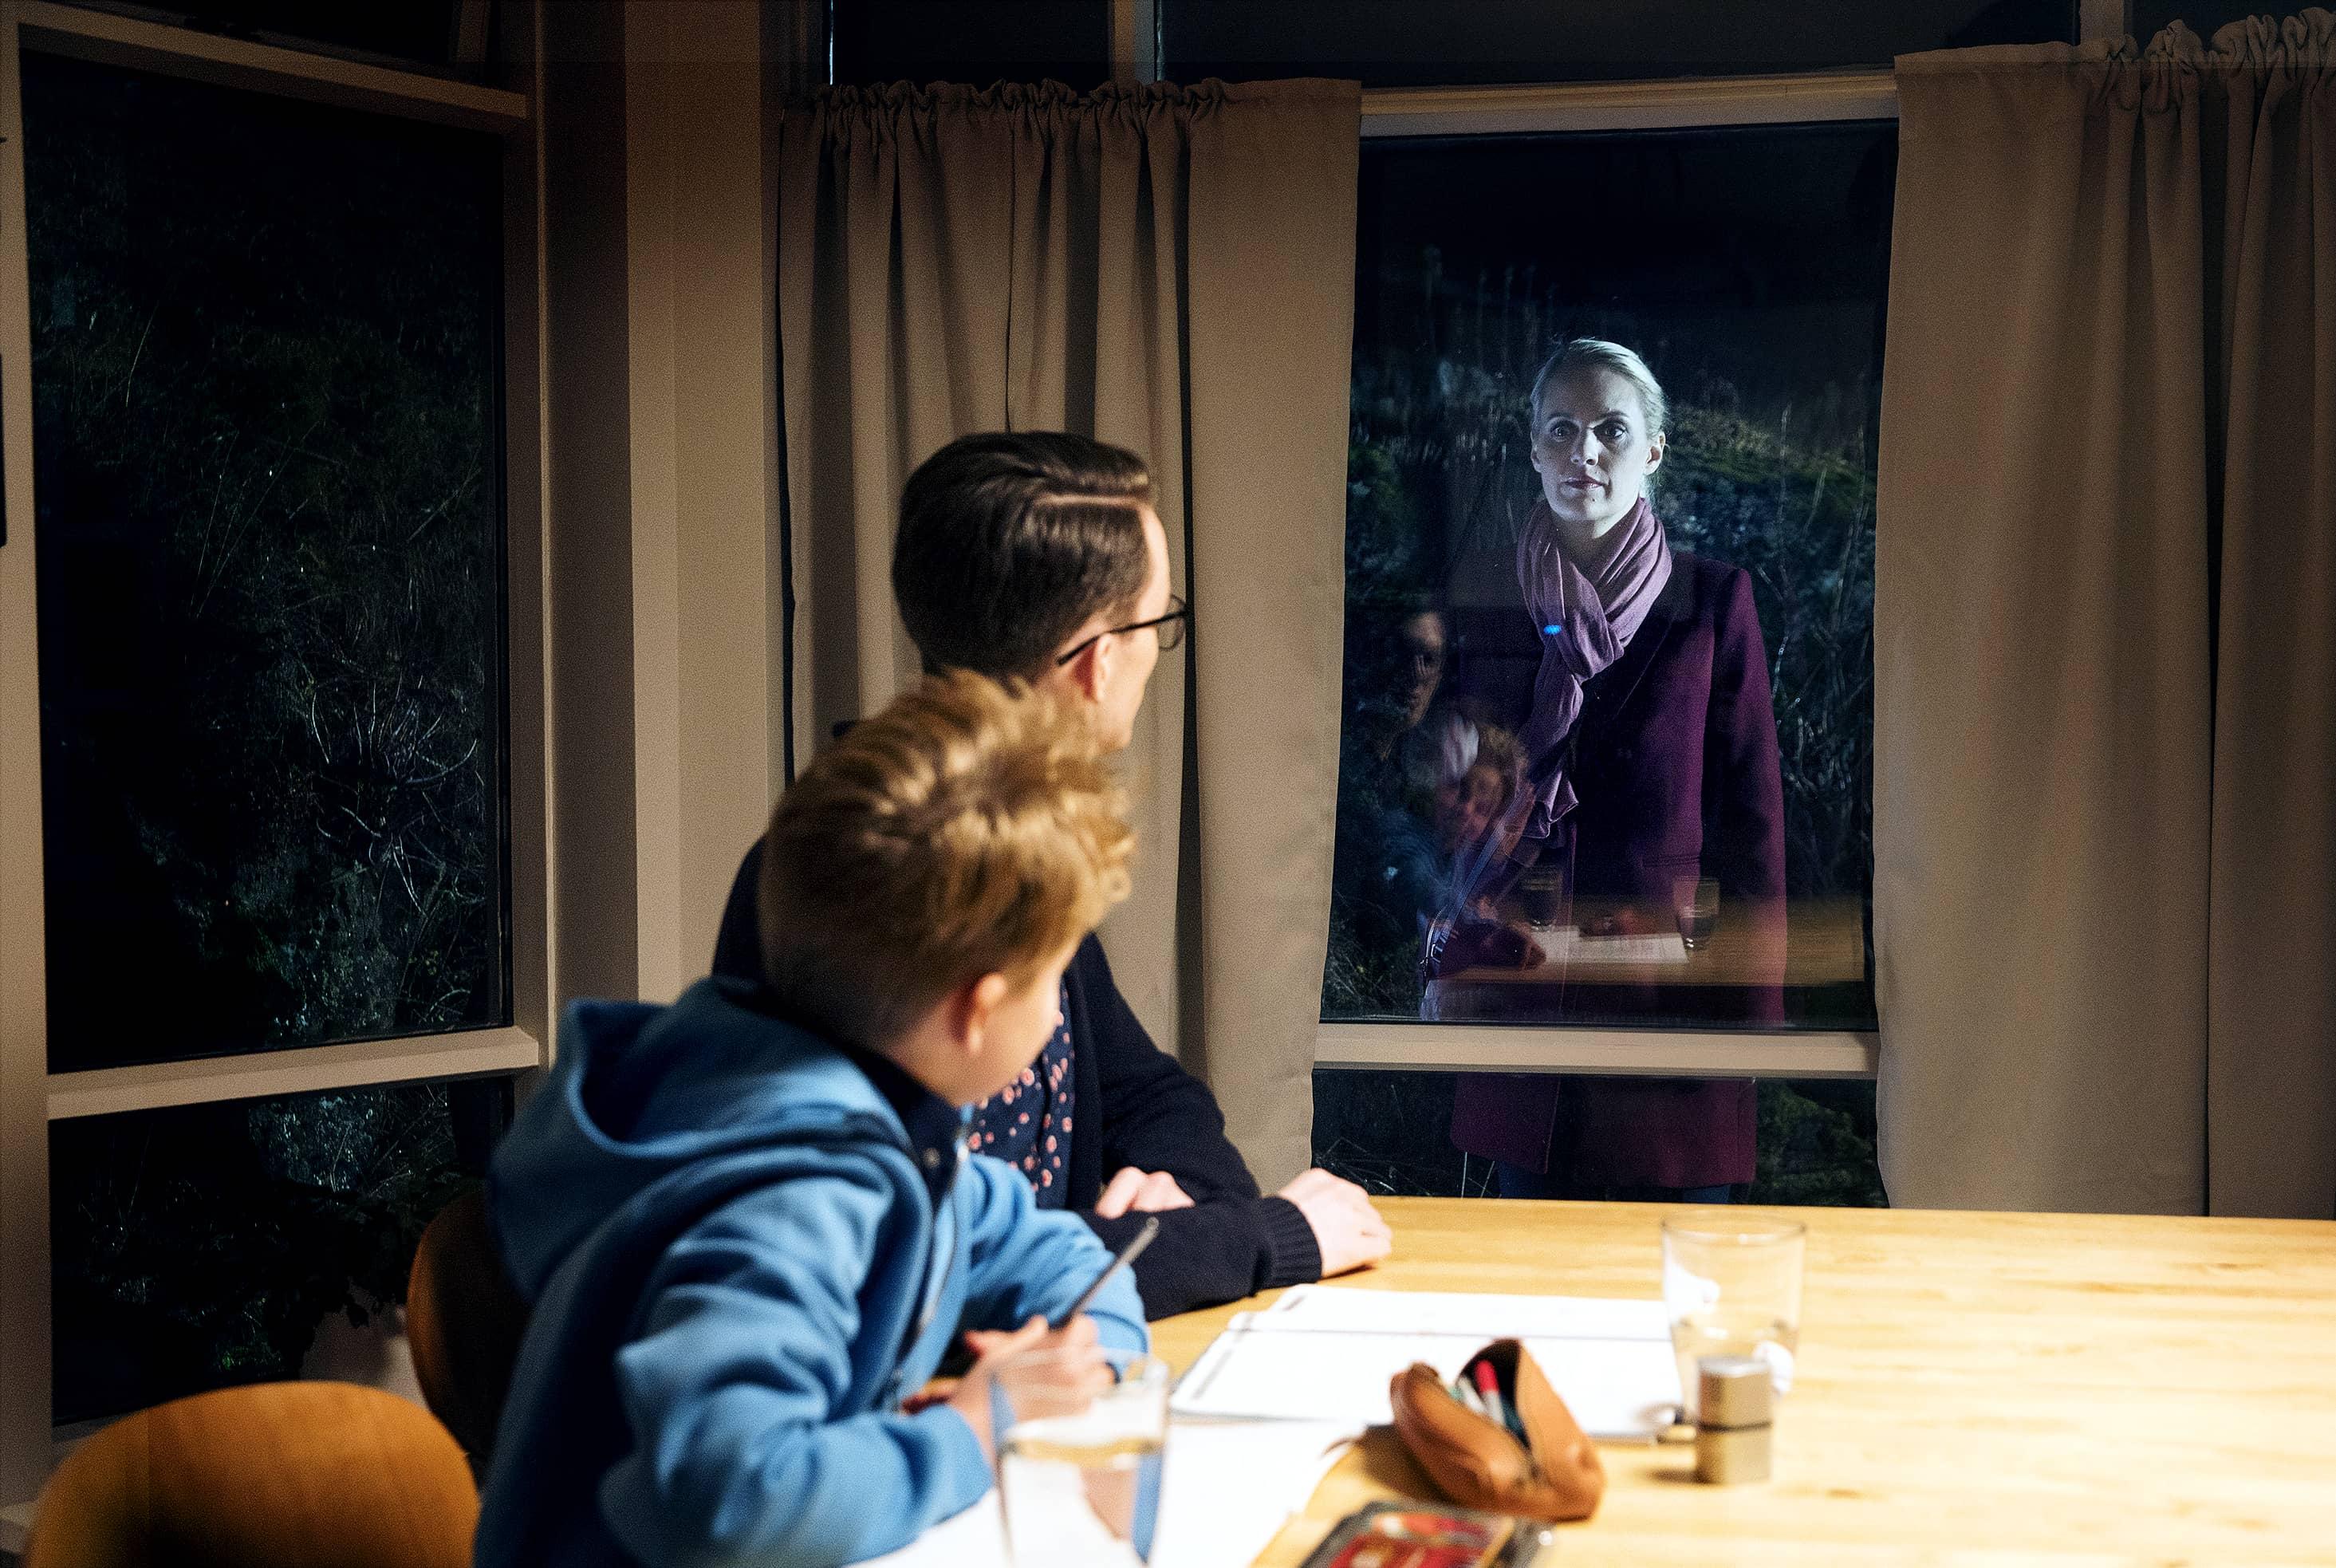 Er brjálað að gera? Heimsækir kollega seint á kvöldin